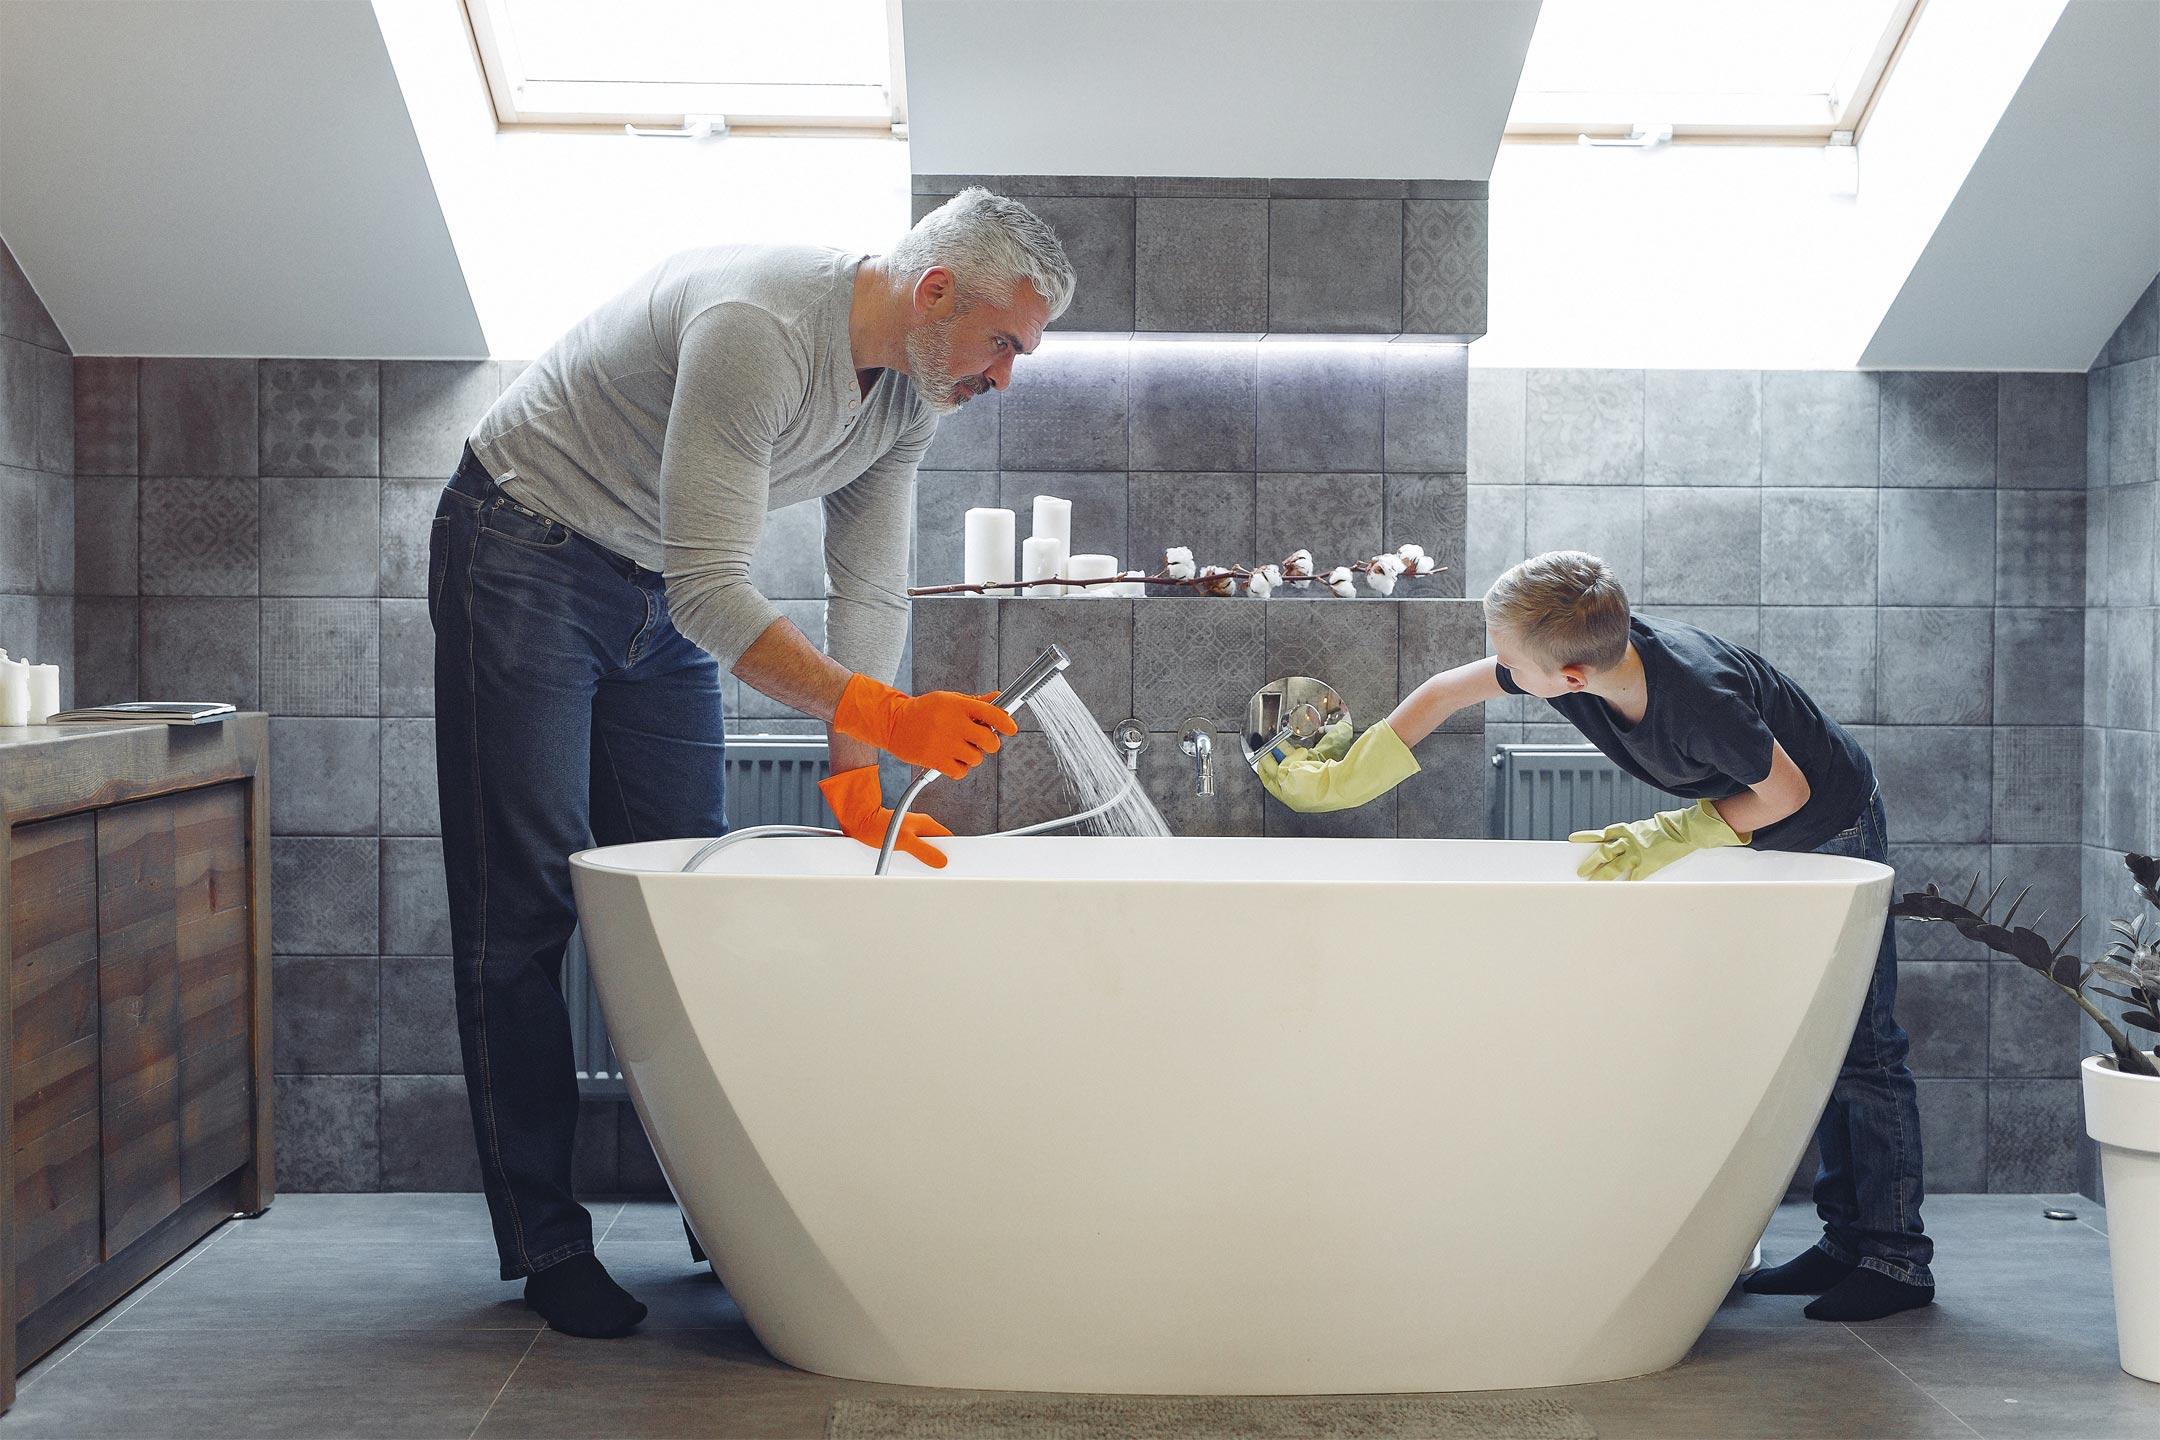 dad-son-cleaning-bath2160